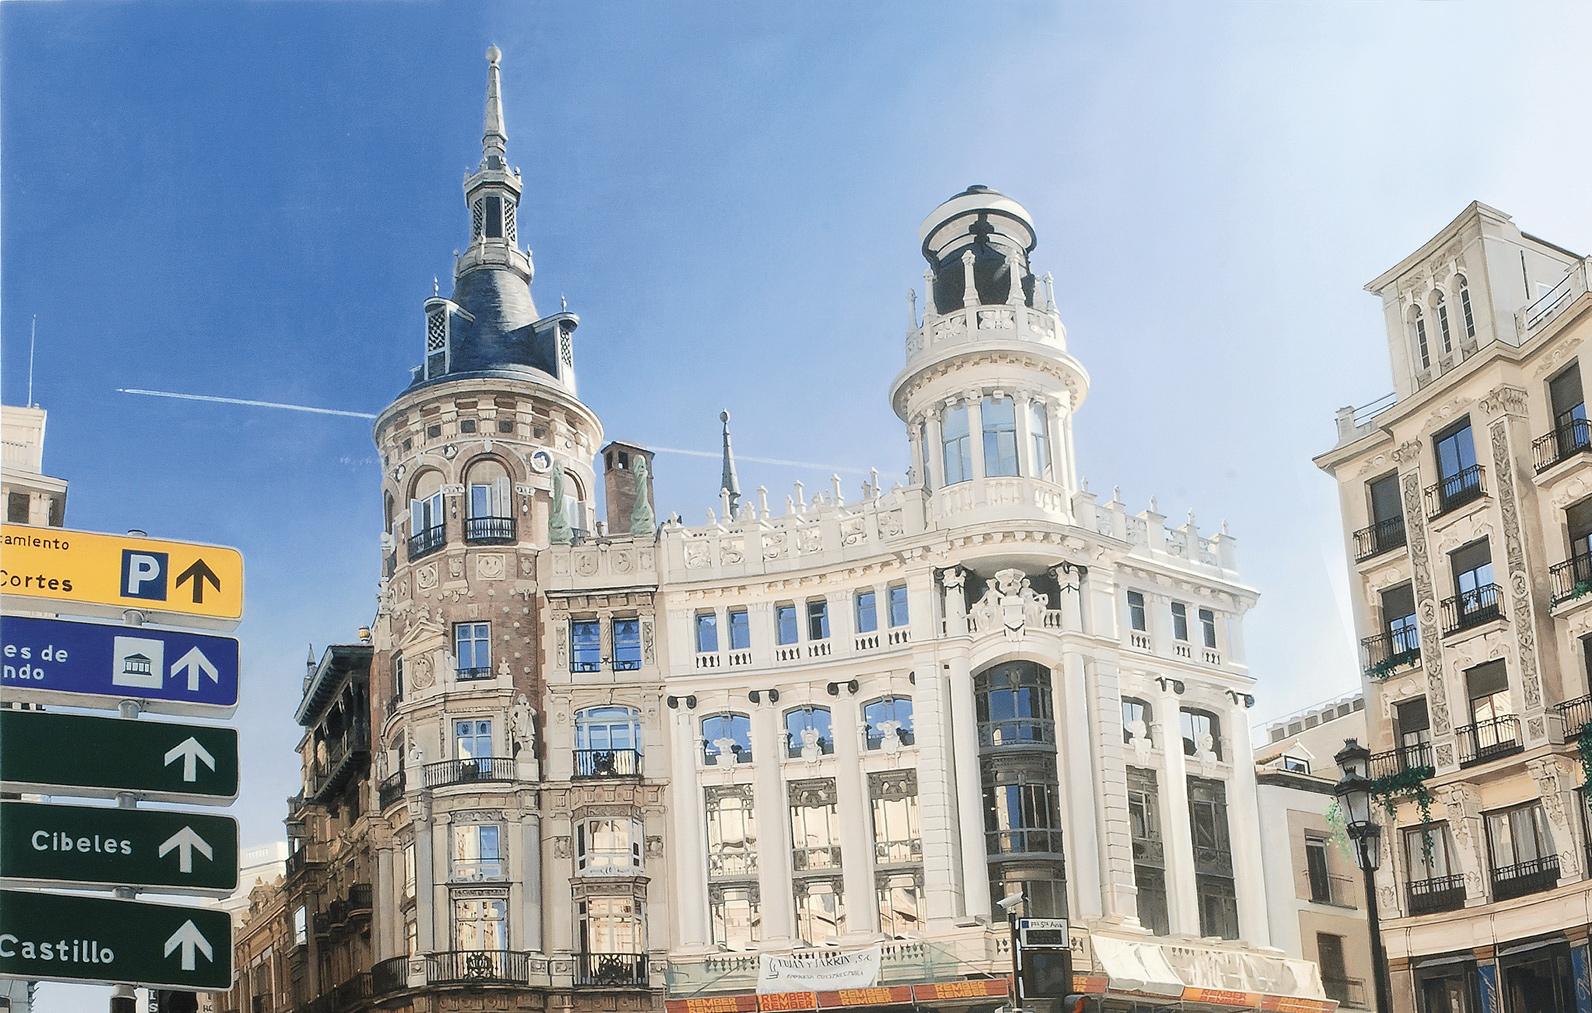 plazadetalle1-